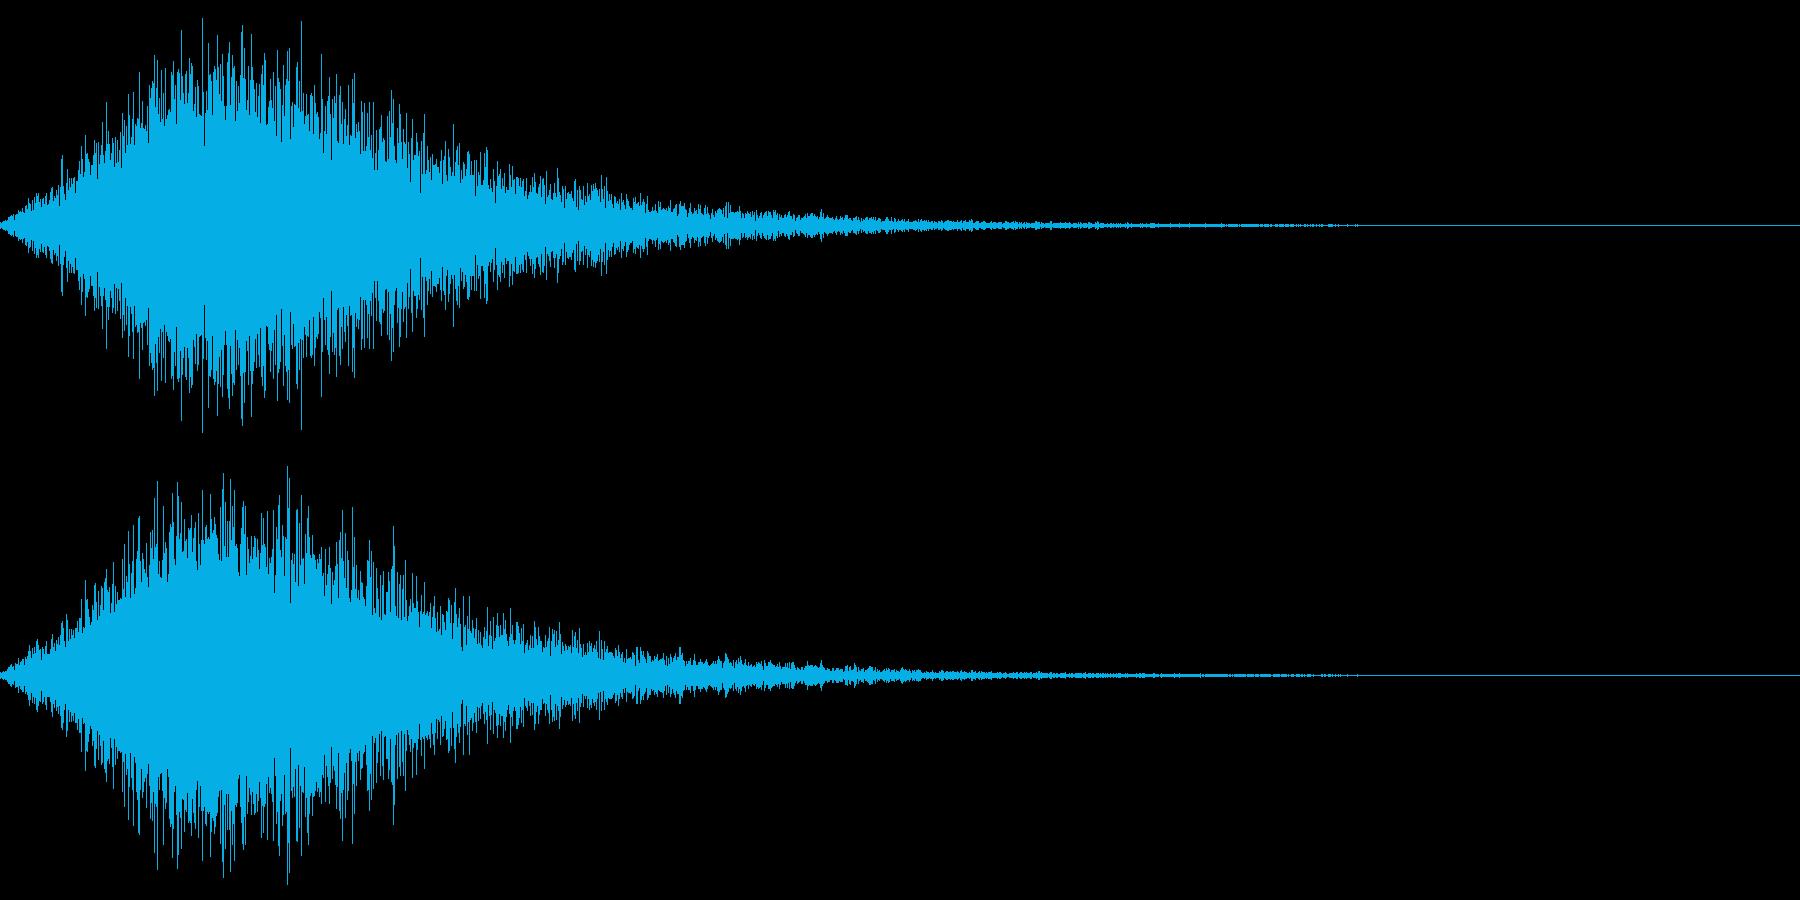 ブオッというハリウッド映画ライクな音の再生済みの波形